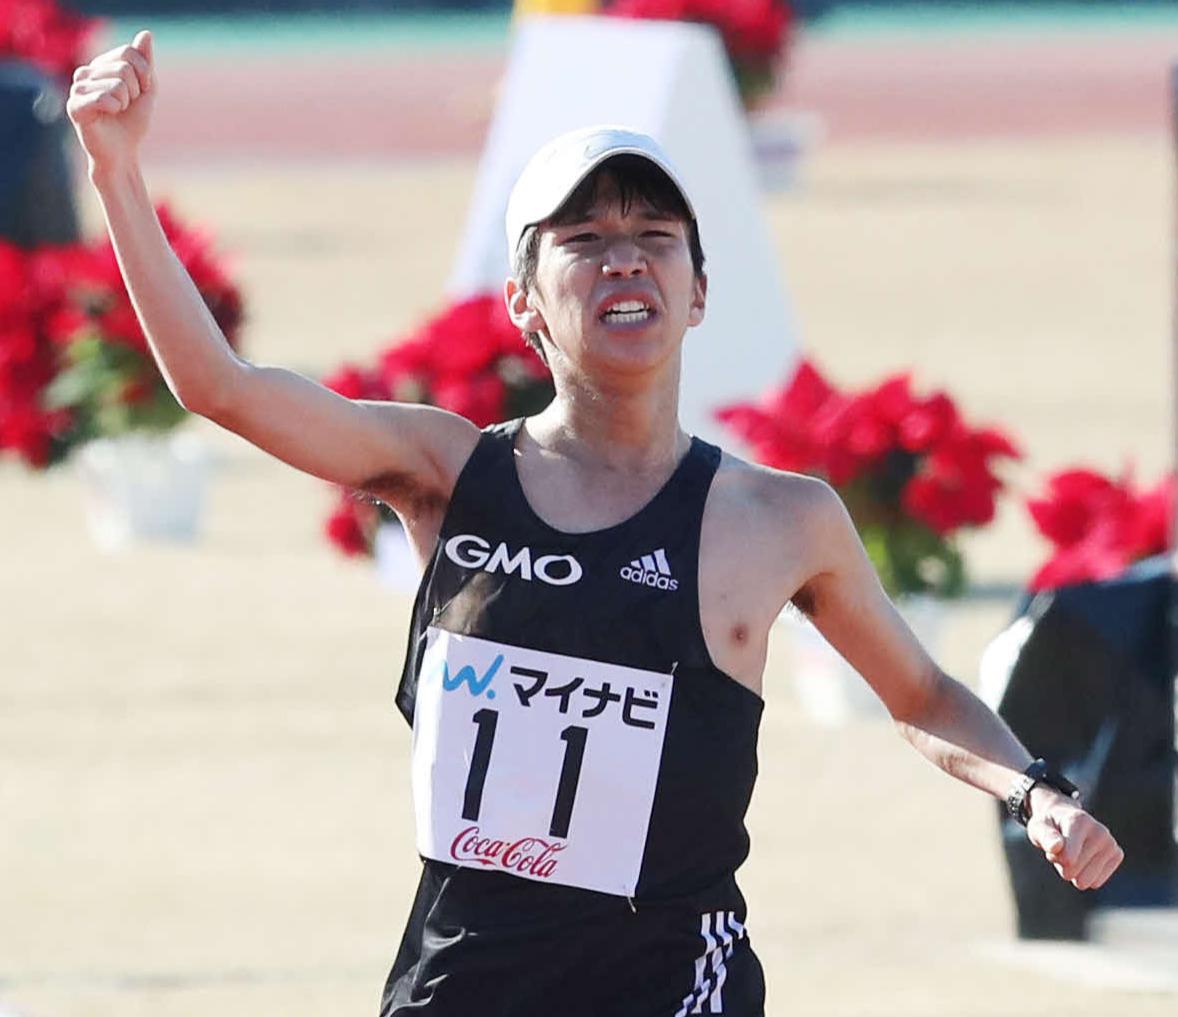 福岡国際マラソンで優勝した吉田祐也